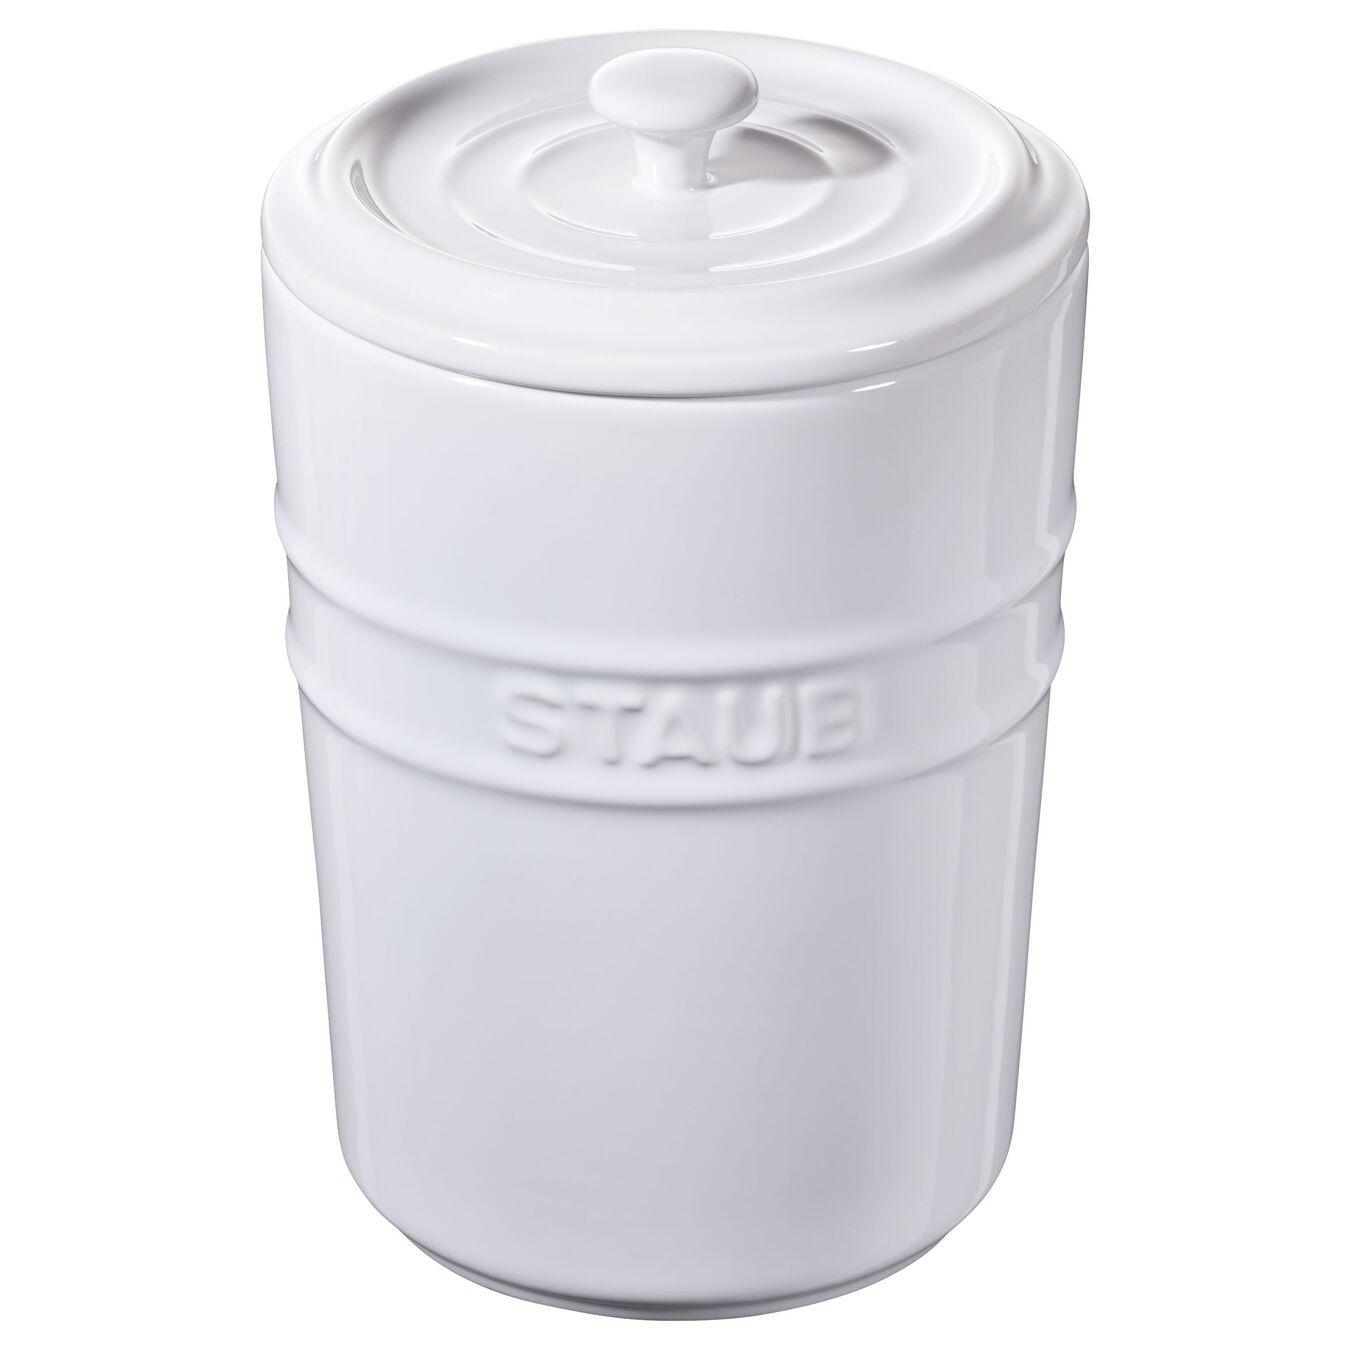 Pote de armazenagem 1 l, Cerâmica,,large 1